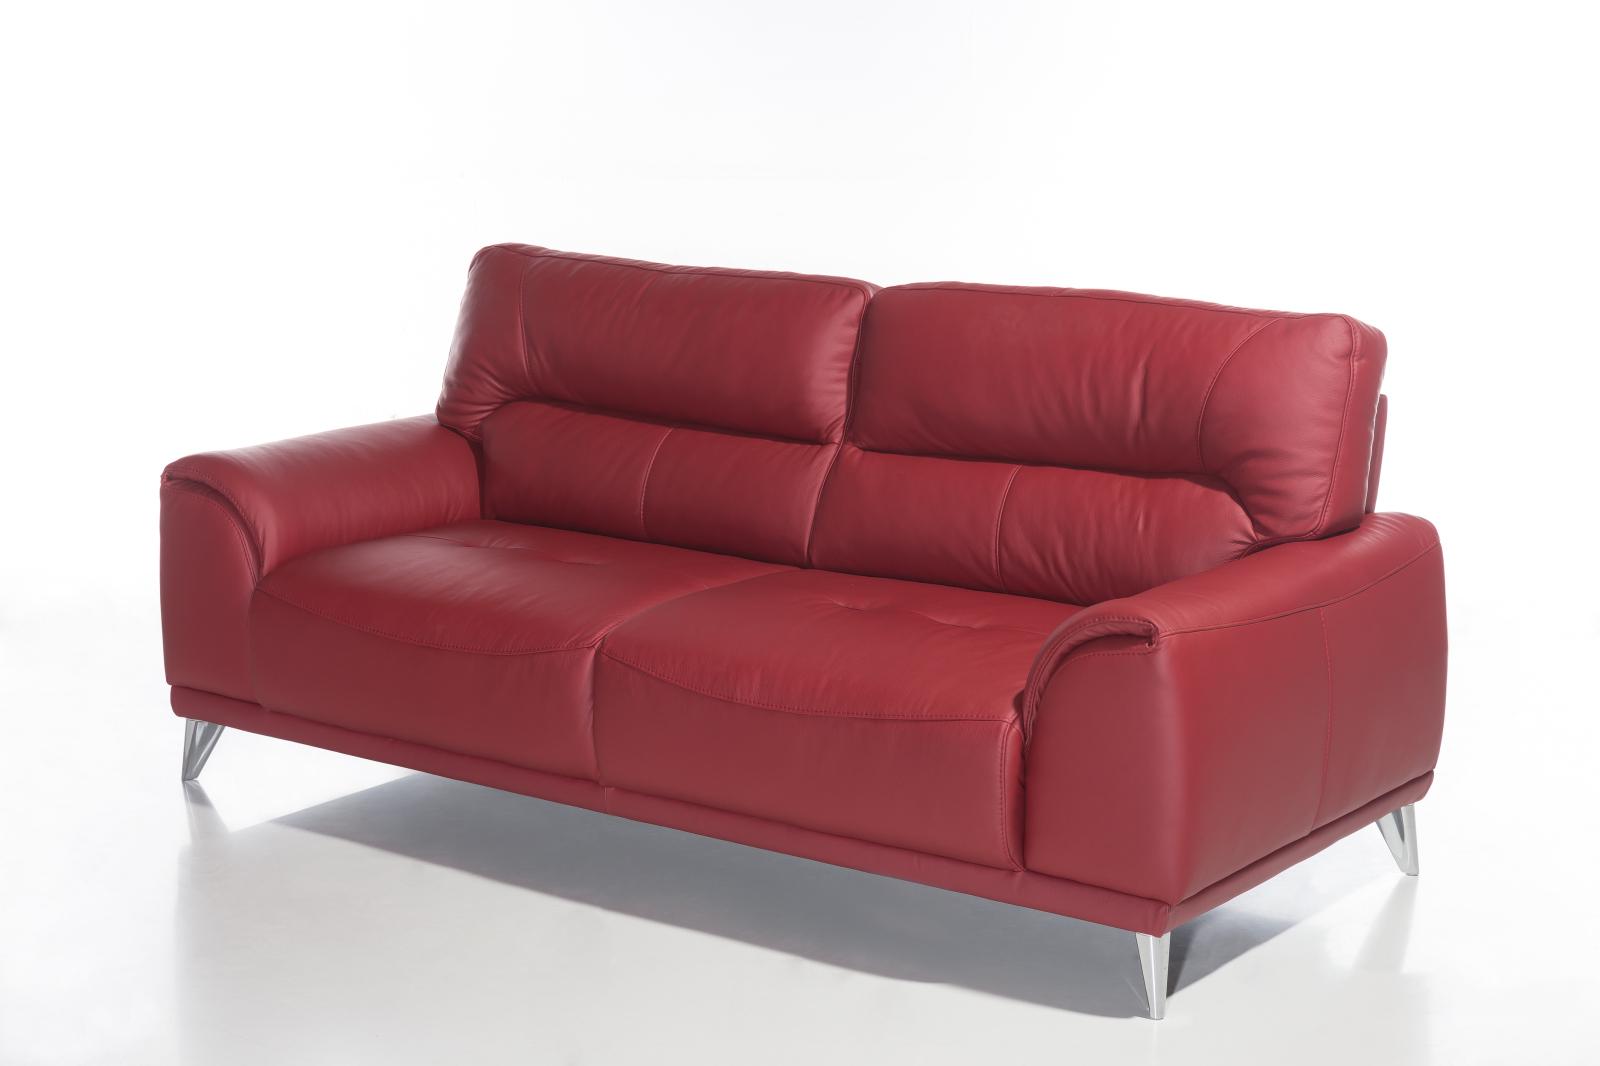 Full Size of 3 Sitzer Sofa Rot Kunstleder Online Bei Roller Kaufen Grau Reiniger Luxus Canape Grün Bezug Impressionen Garnitur 2 Teilig Eck Weiß Big Braun L Form Hülsta Sofa Weiches Sofa